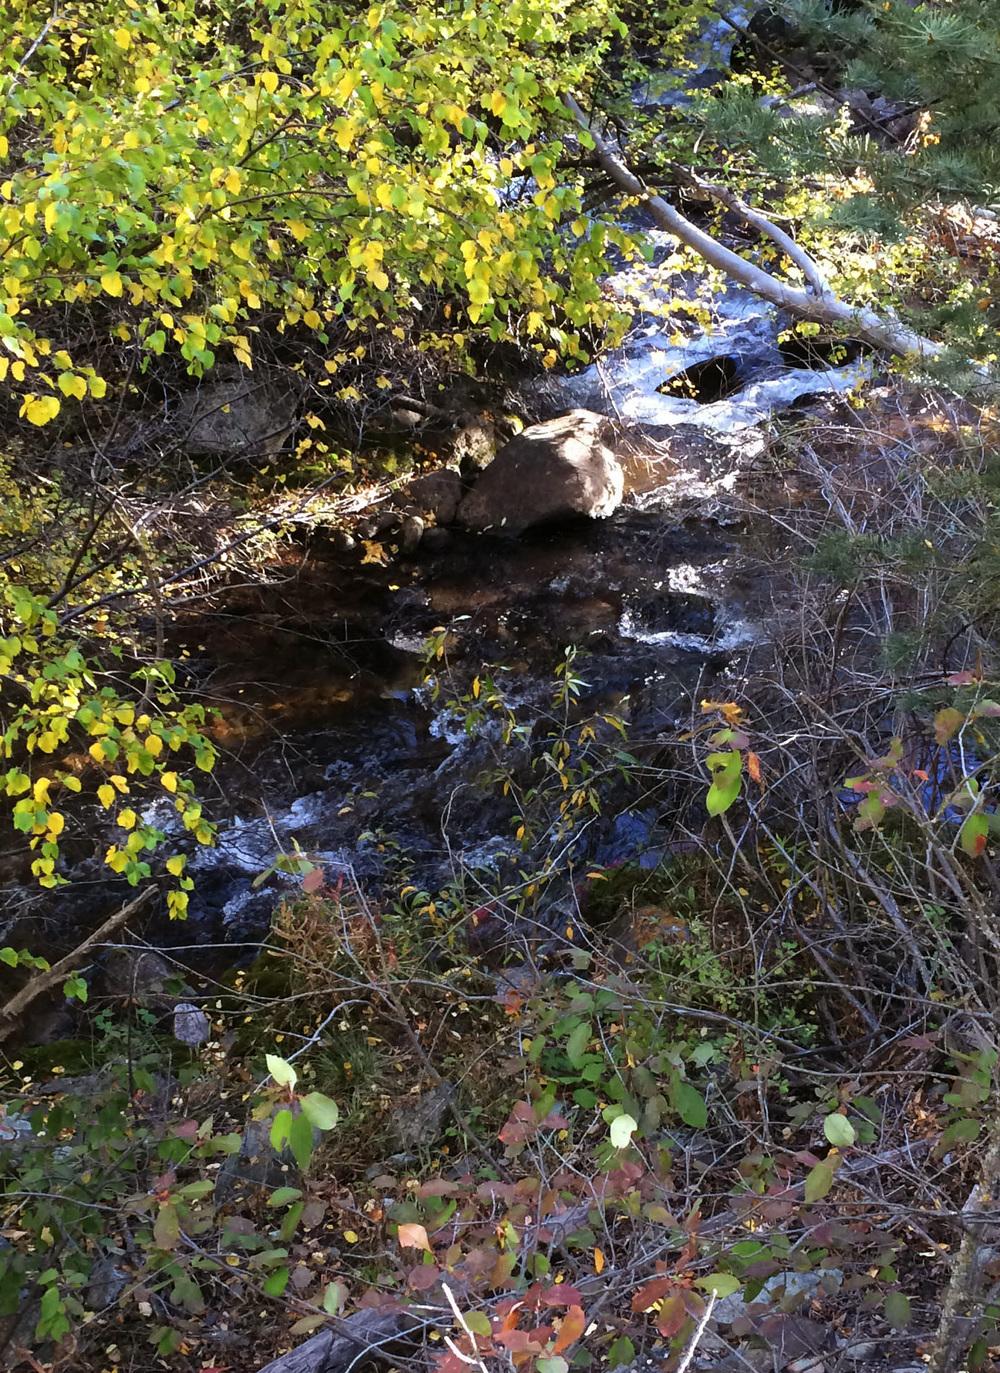 10-2-14 n.crestone trail 1-17-5.jpg